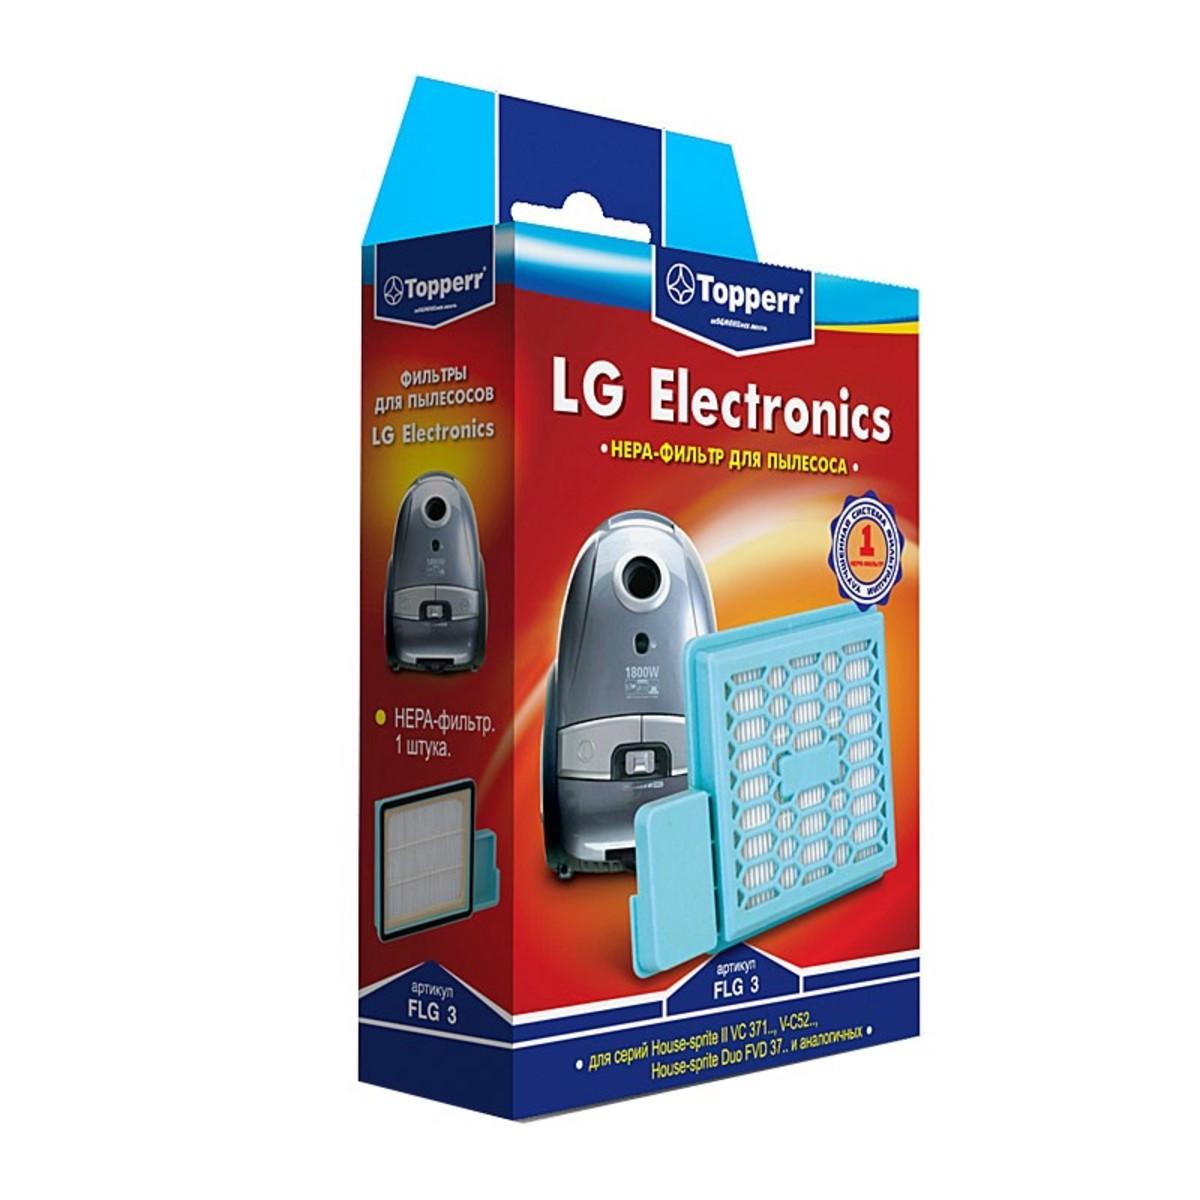 HEPA-фильтр Topperr FLG 3 для пылесосов LG Electronics